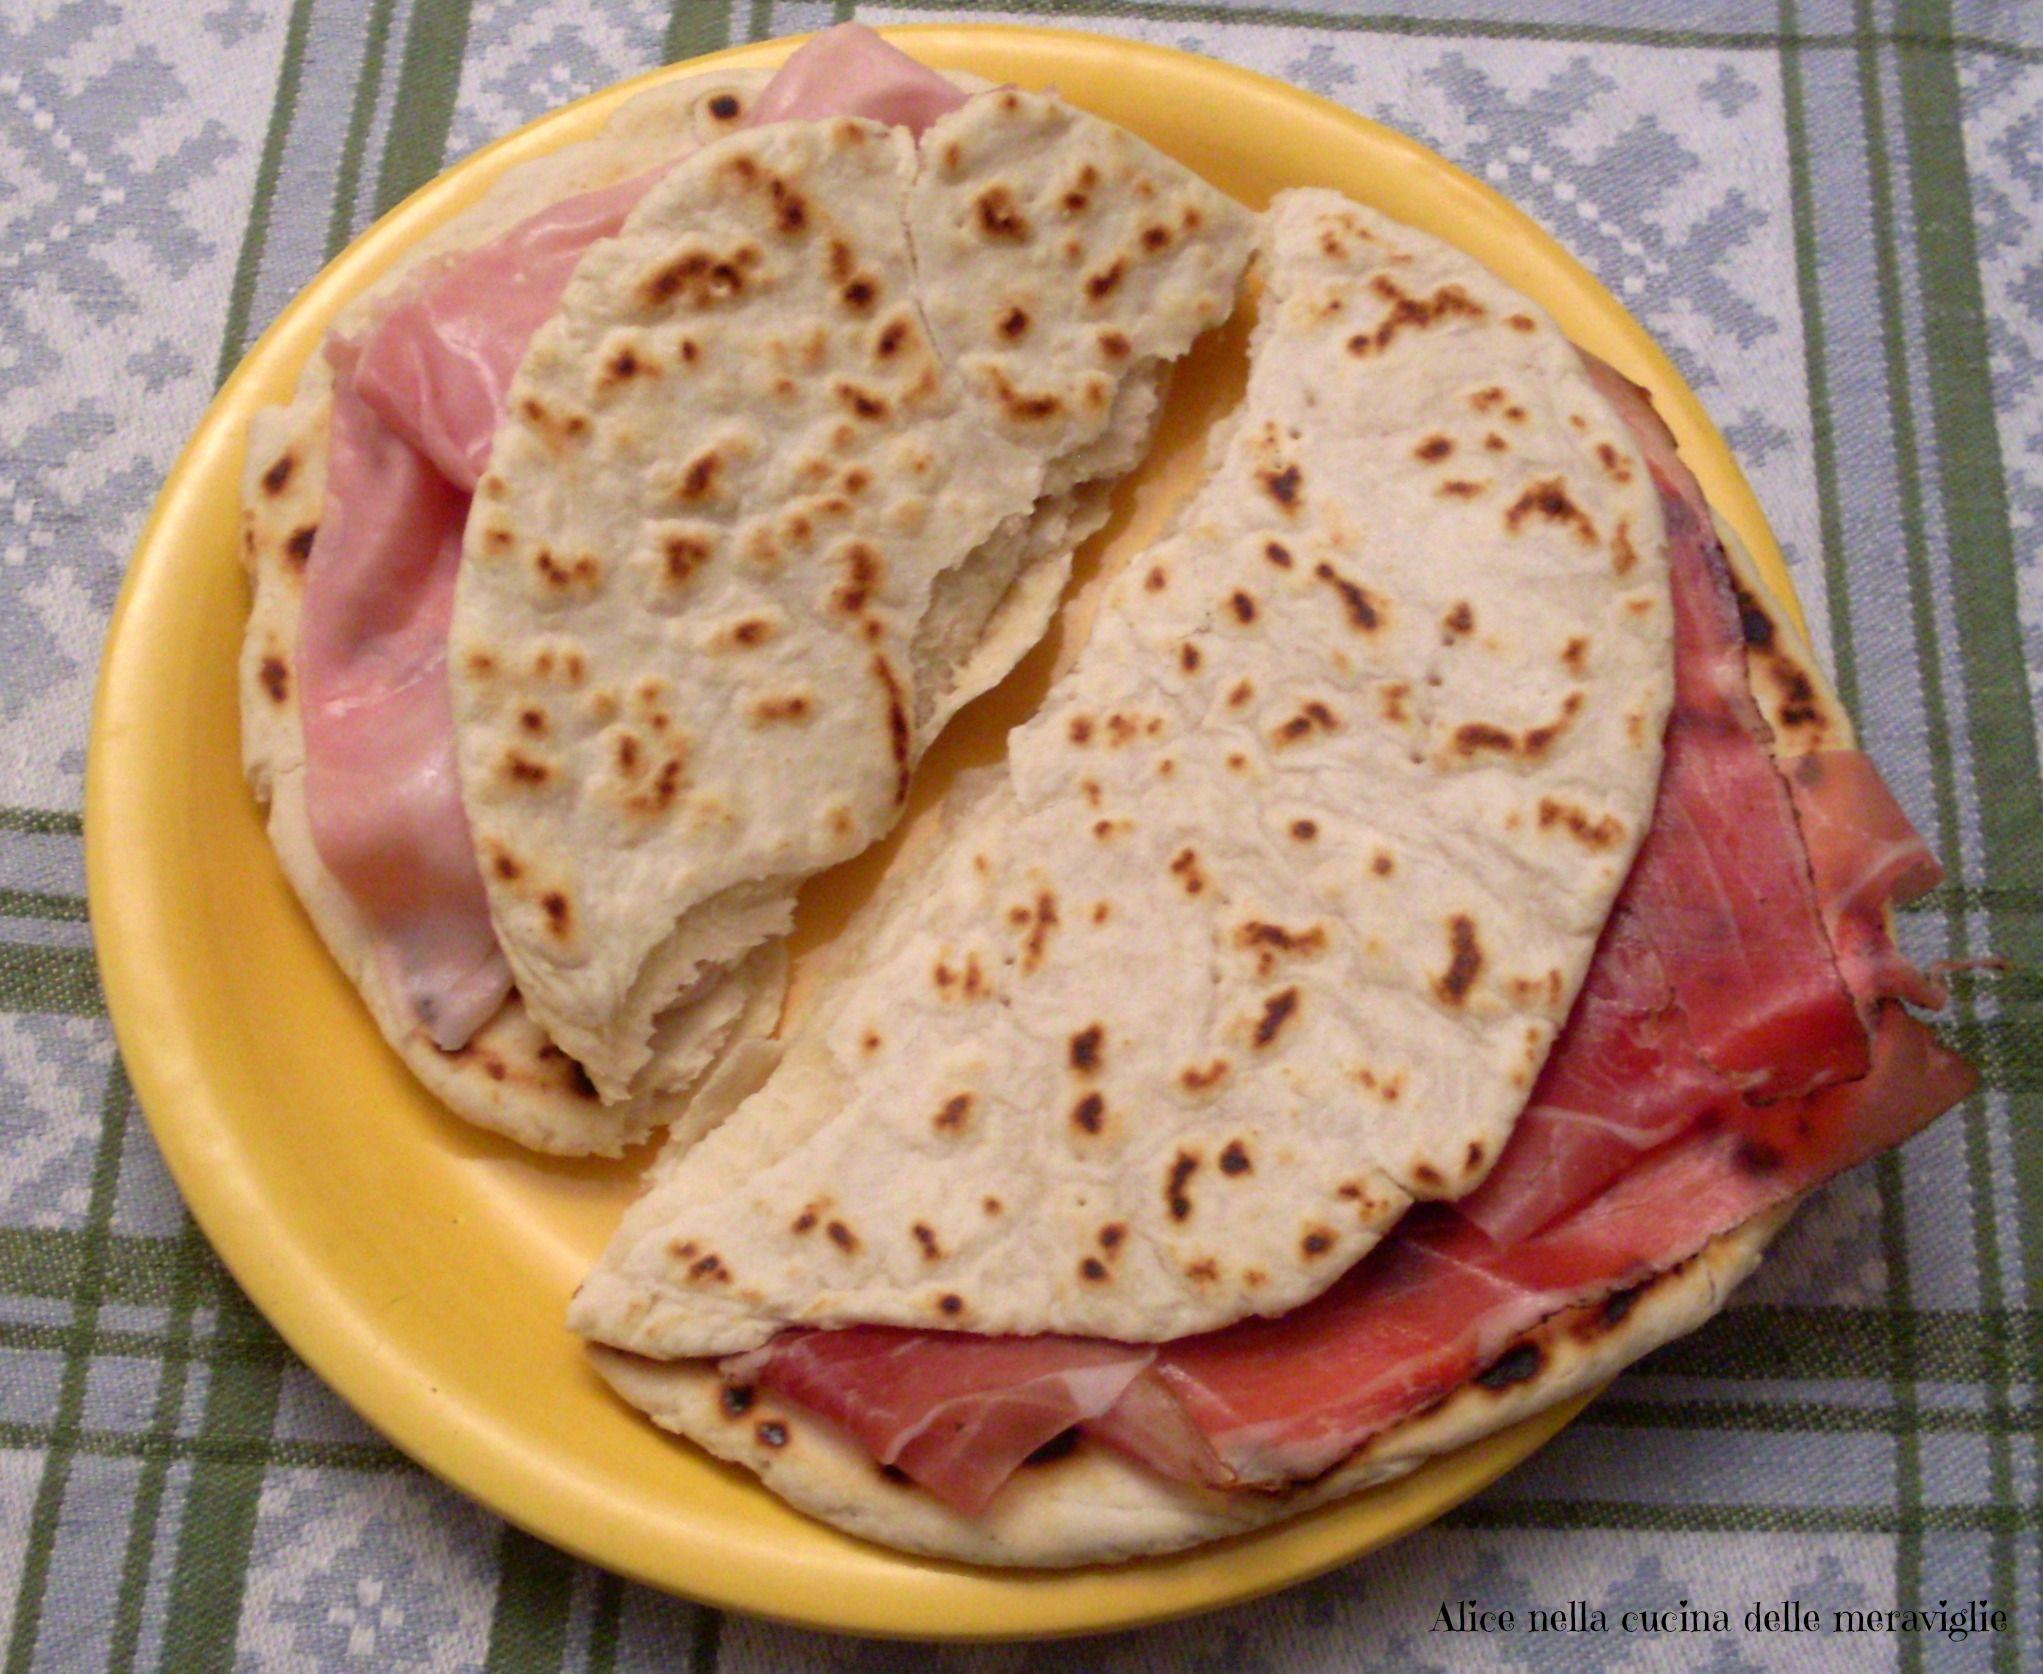 Alice Ricetta Tortillas.Piadina Fatta In Casa Ricetta Base Salata Alice Nella Cucina Delle Meraviglie Ricette Idee Alimentari Pasti Italiani